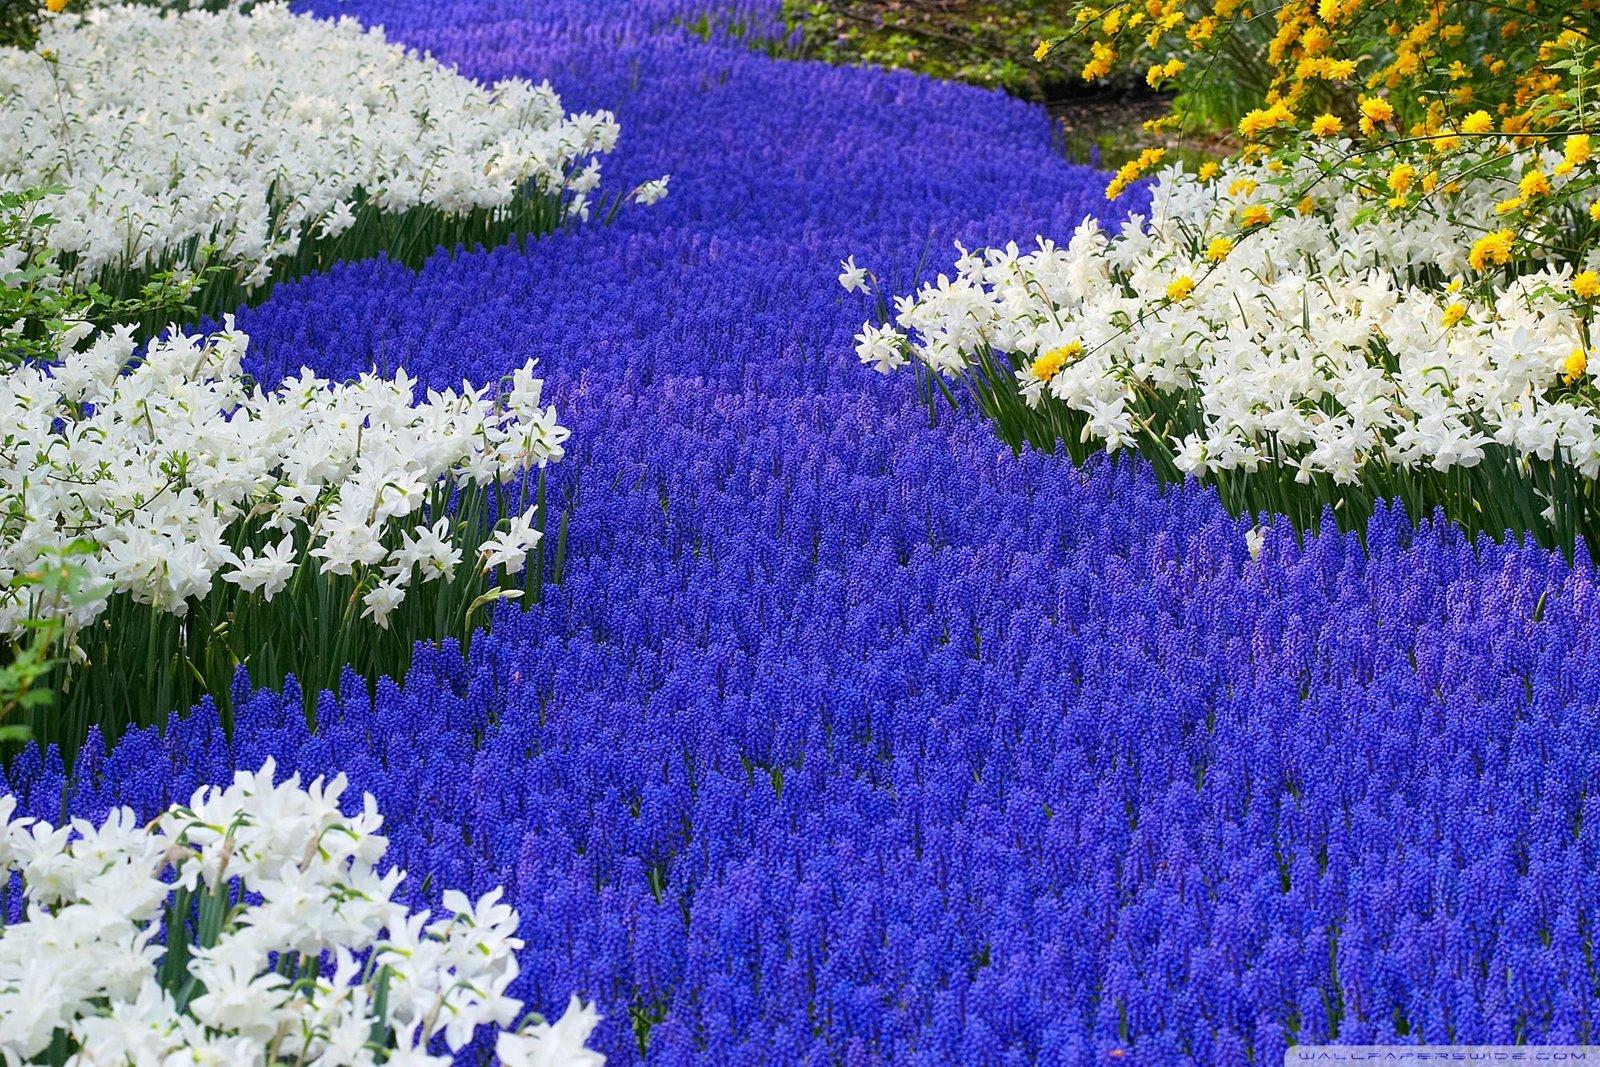 http://3.bp.blogspot.com/-IFs2boyQpEc/TsP66jMHckI/AAAAAAAAEL4/phOXNBp80o8/s1600/grape_hyacinths_and_daffodils_keukenhof_gardens_lisse_holland-wallpaper-2000x1333.jpg